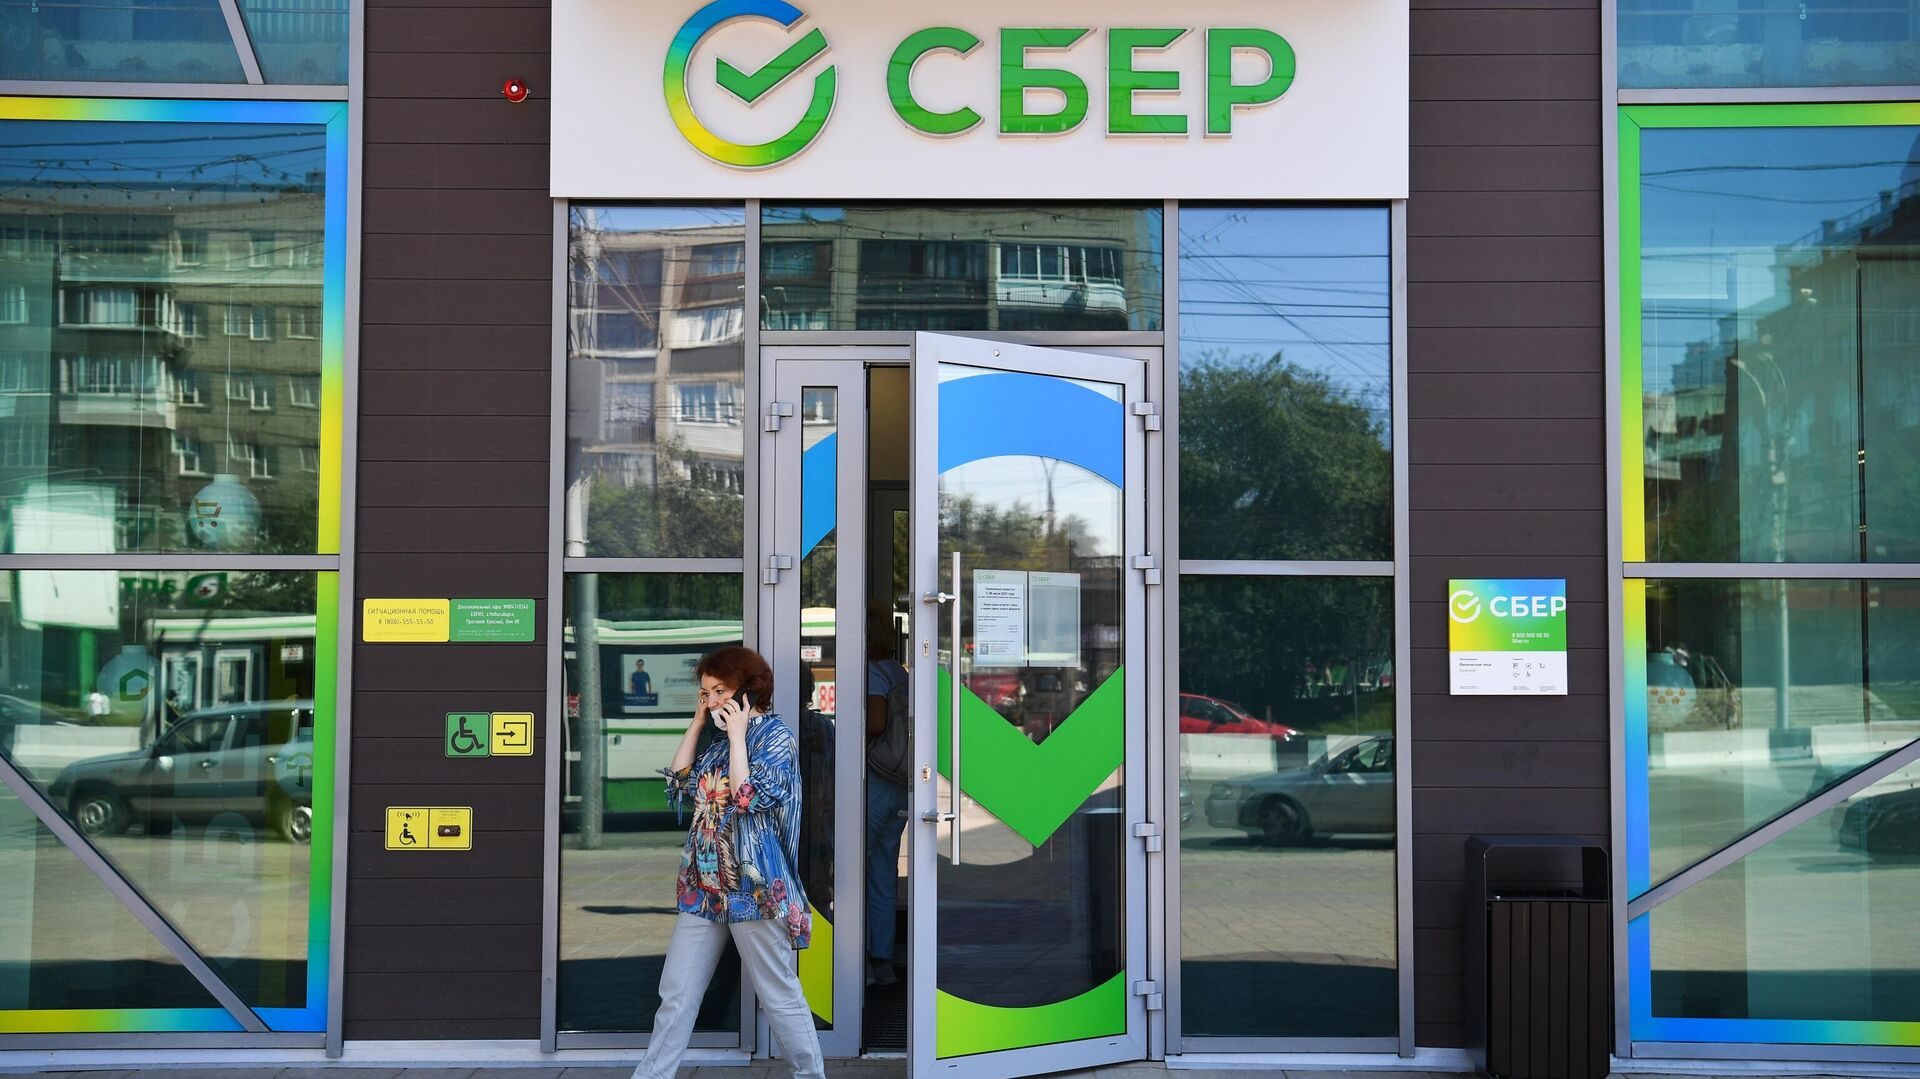 Вход в офис Сбербанка нового формата, открывшегося на Красном проспекте в Новосибирске - РИА Новости, 1920, 15.07.2021